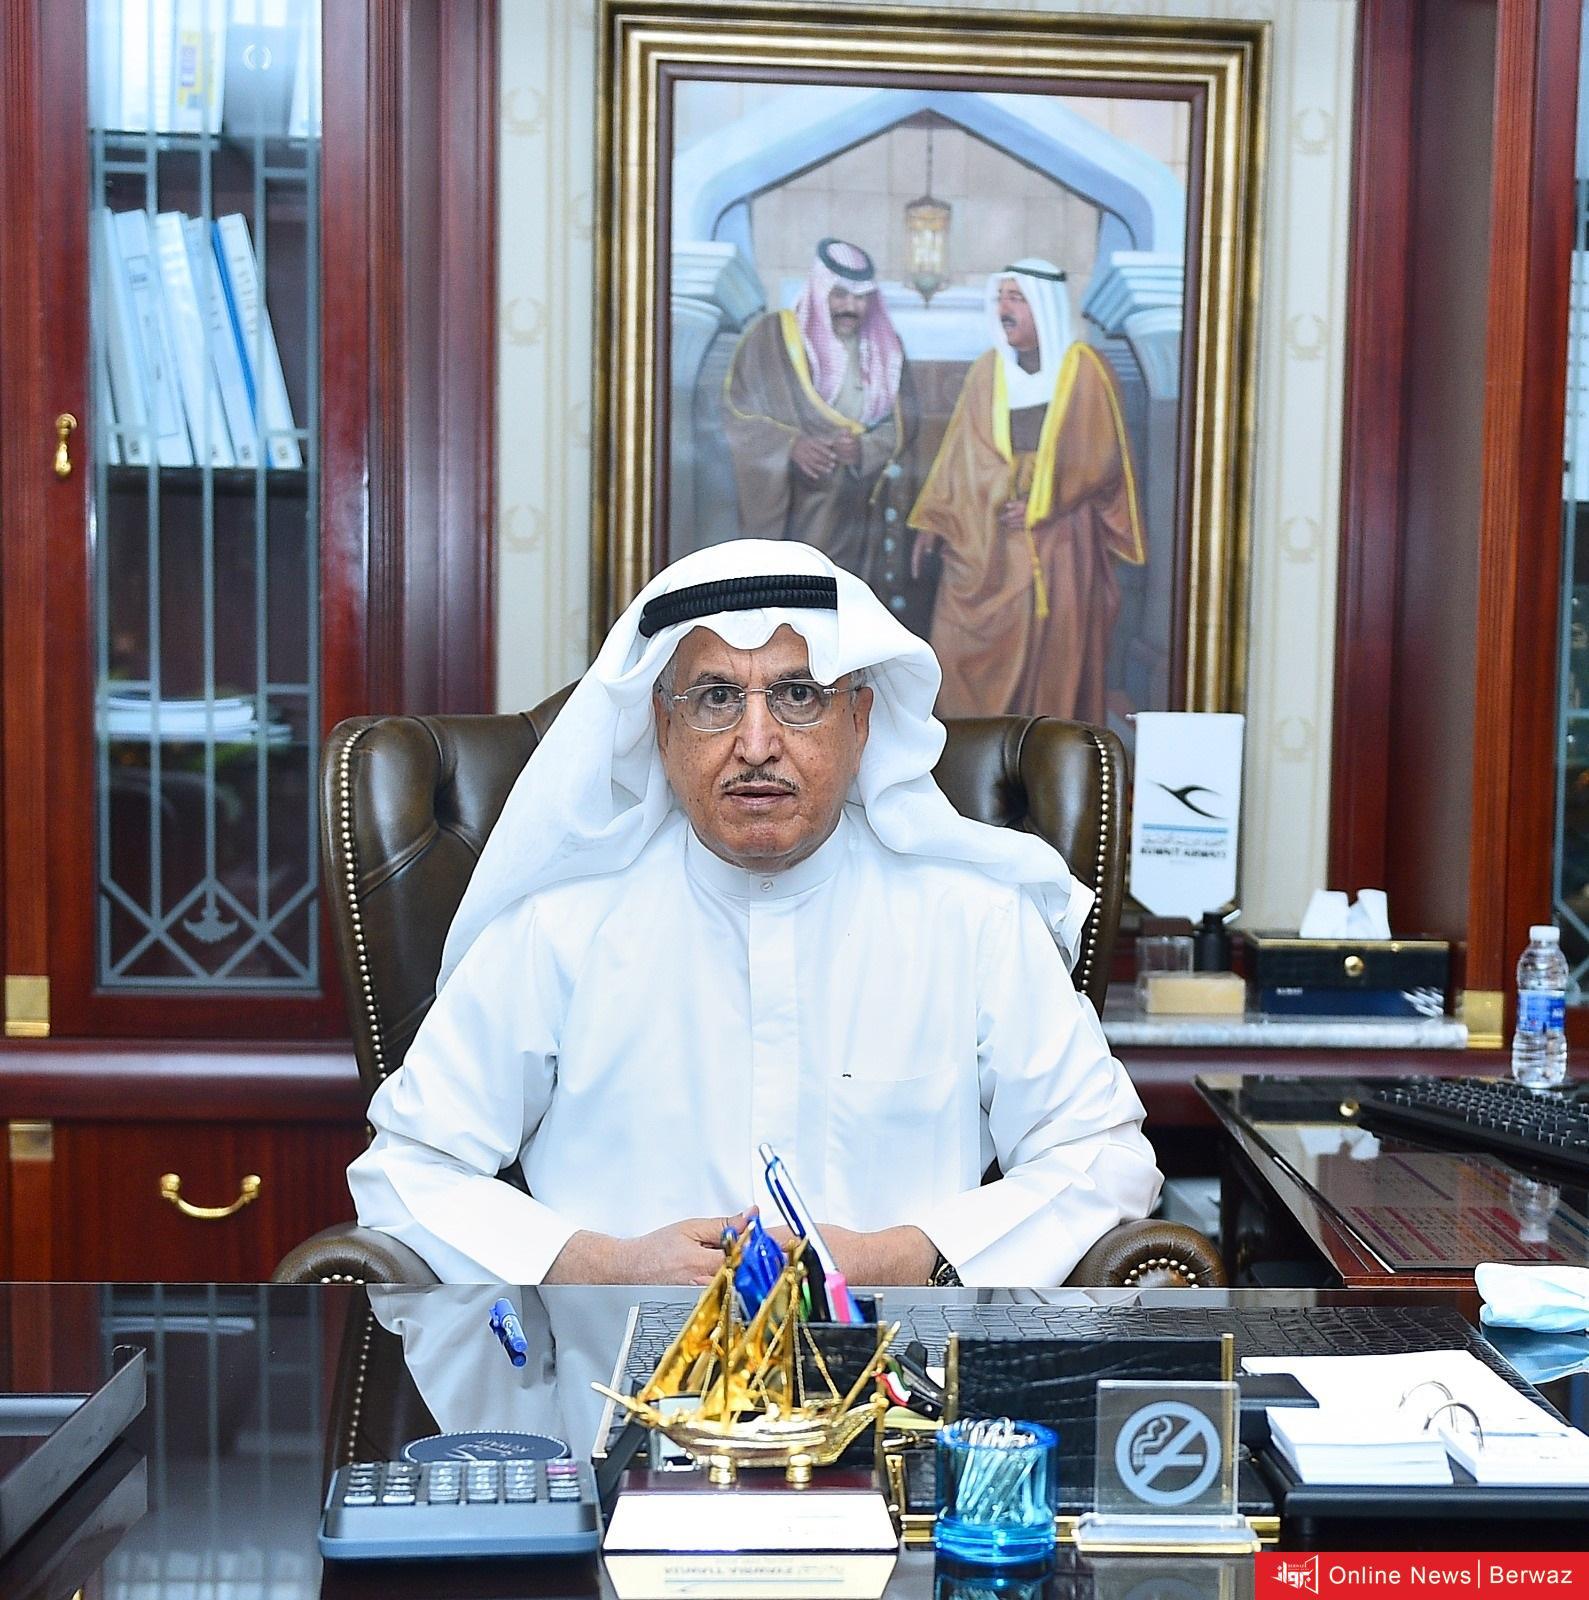 """1 2 - رسميا  مجلس إدارة """"الكويتية"""" يختار المستشار فيصل الغريب نائبا لرئيس خلال إجتماعهم الأول"""